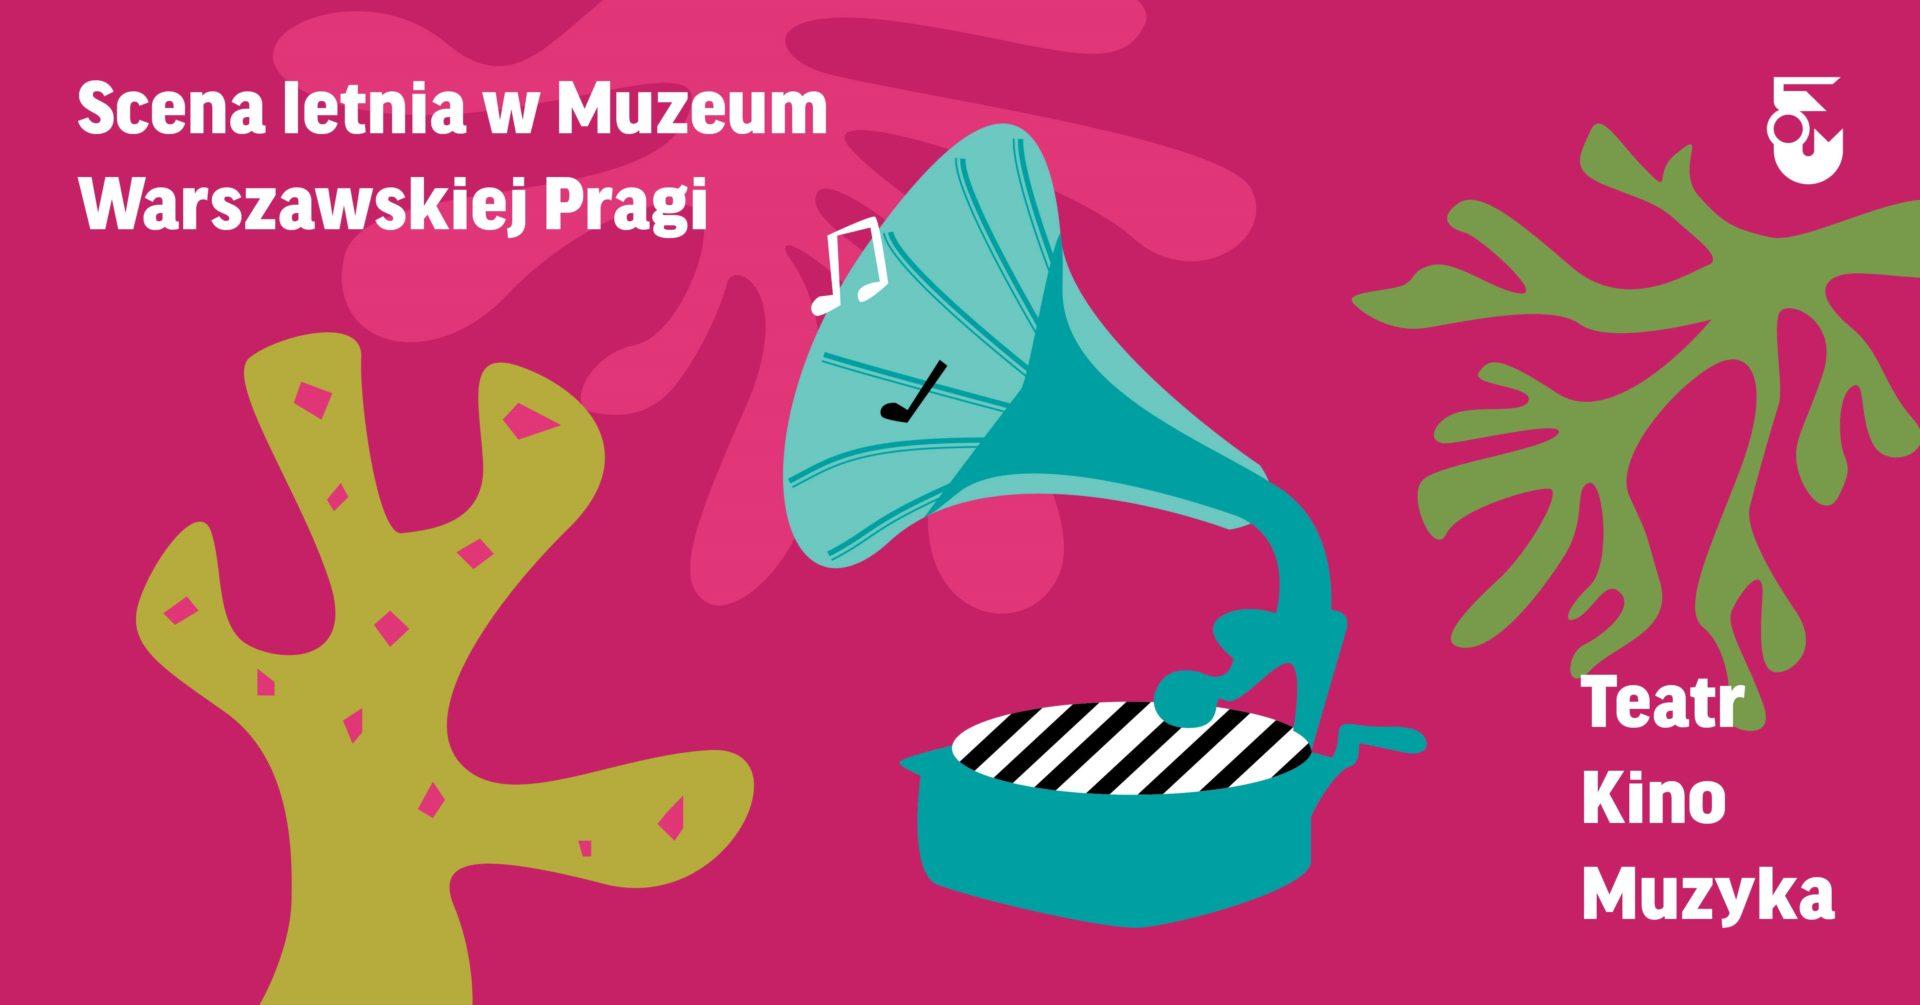 Praga's Summer Stage   Program for August